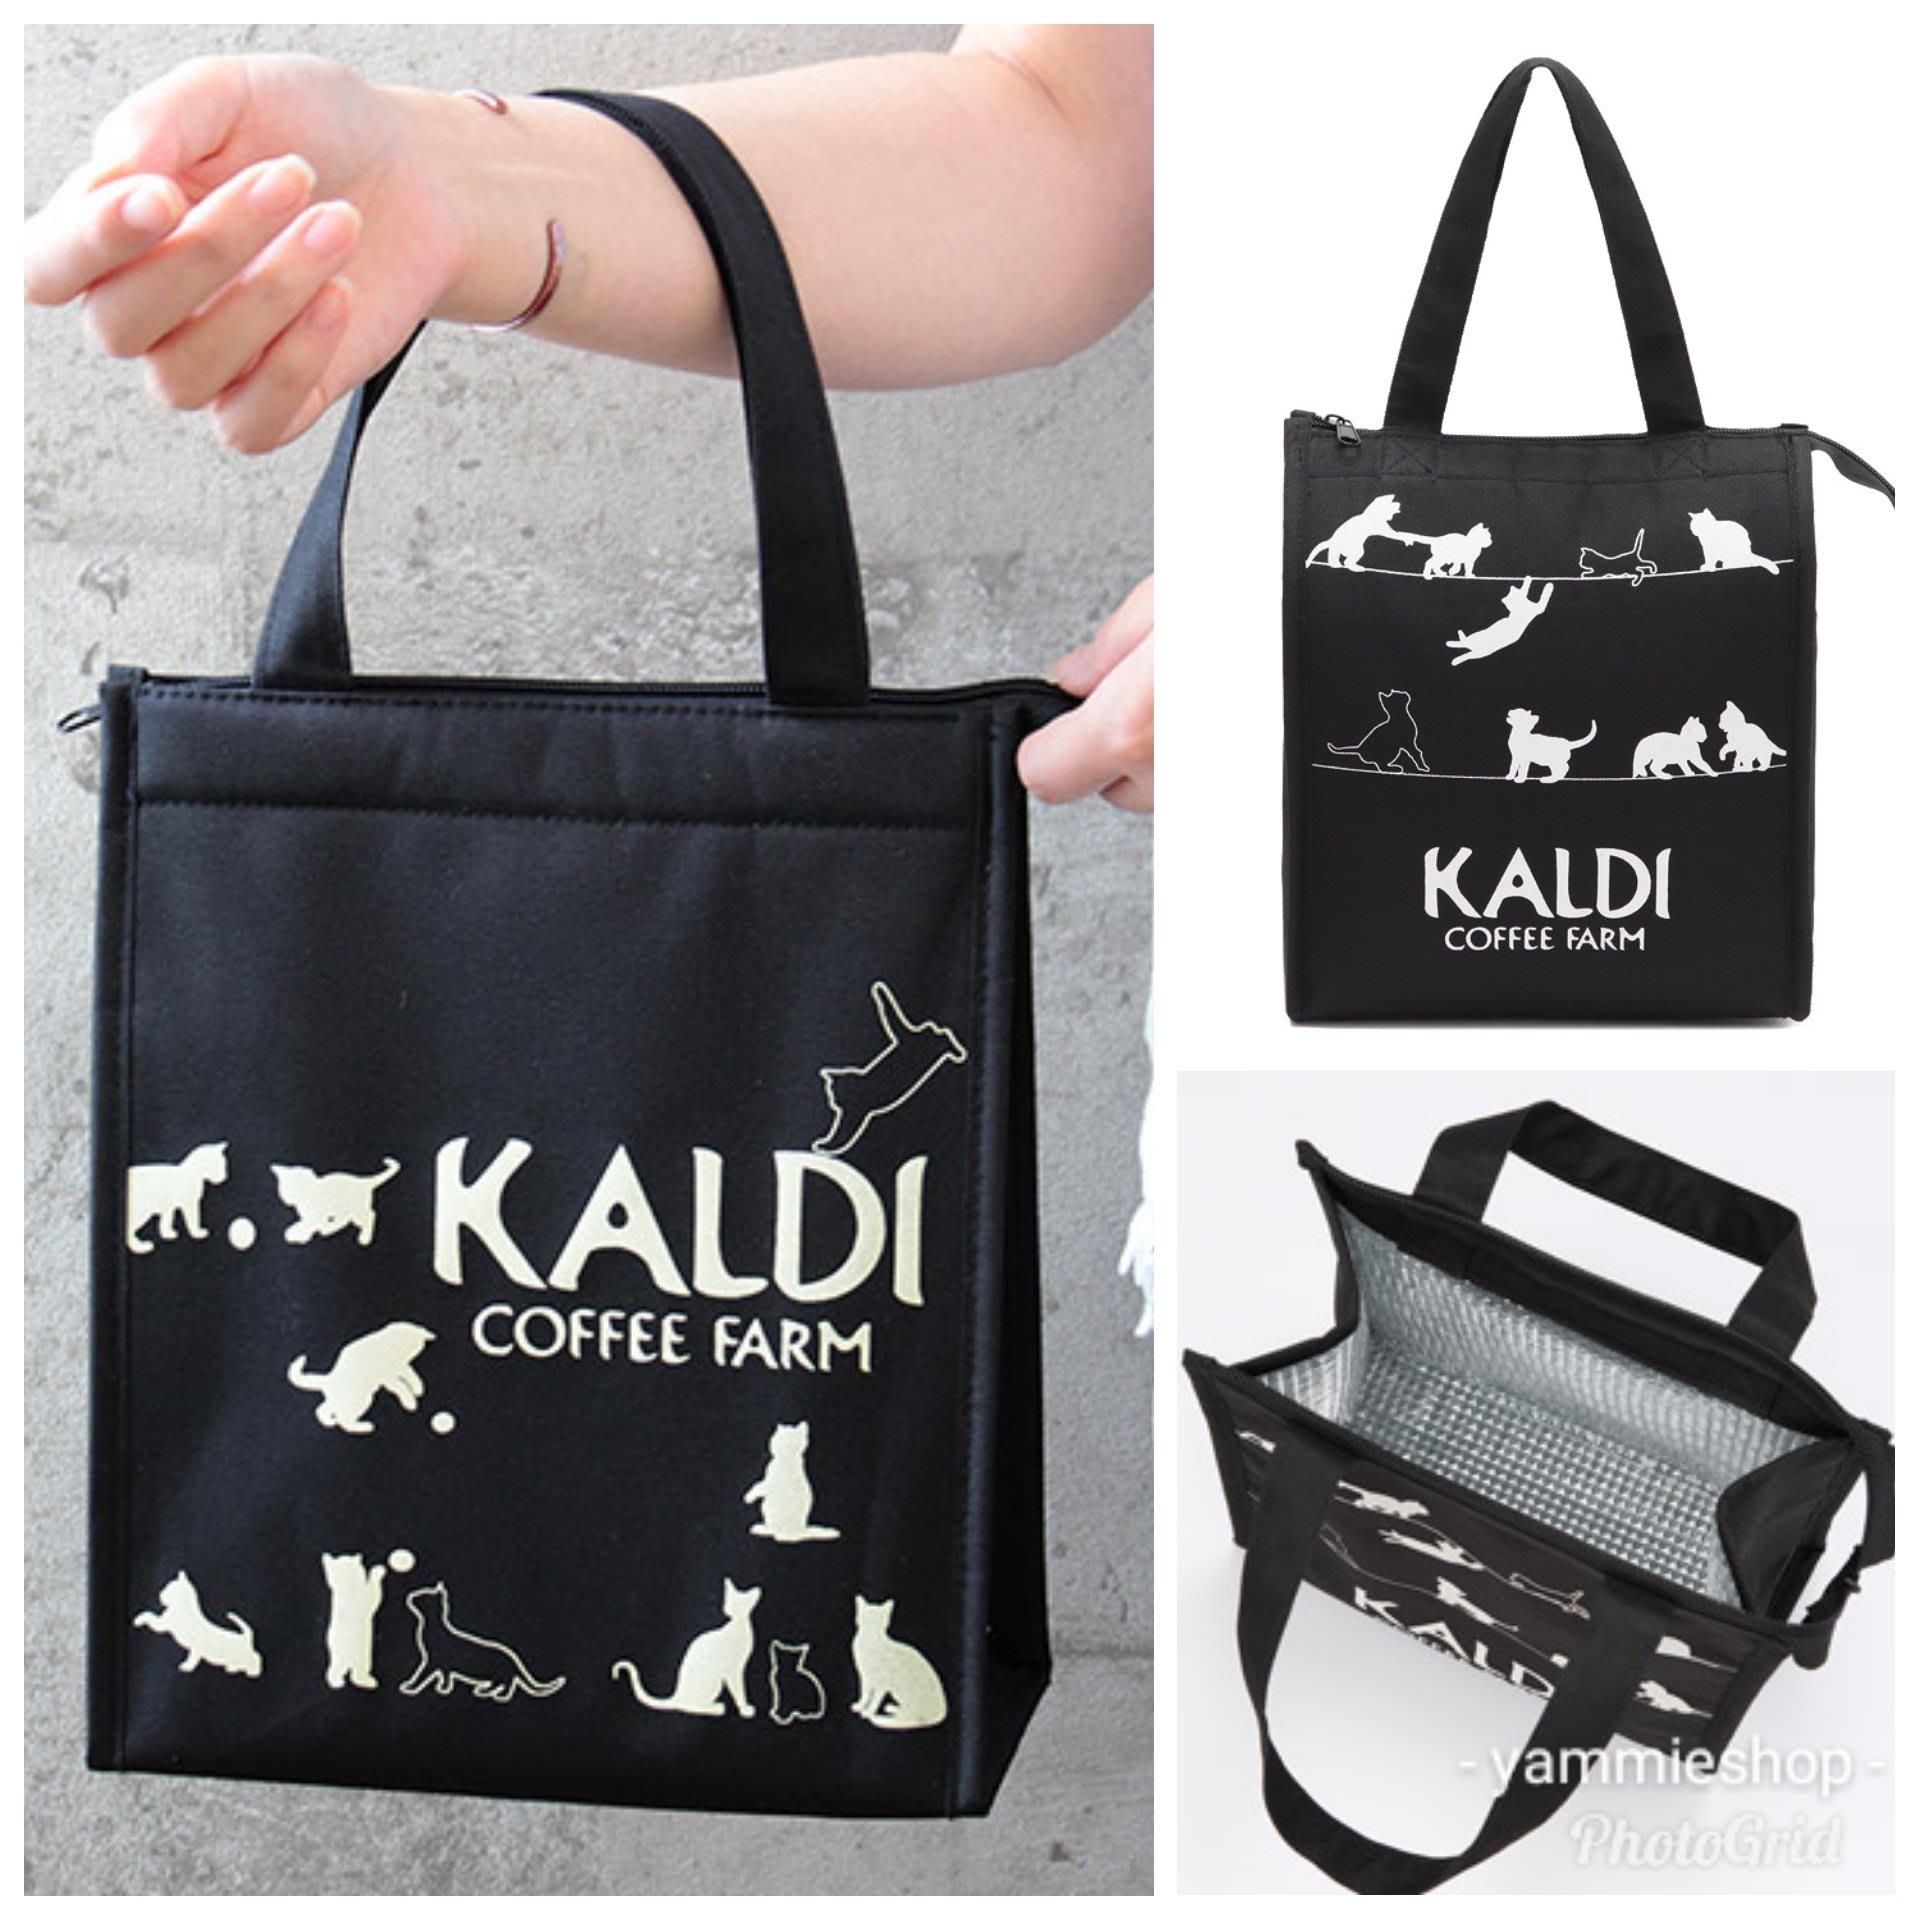 日本限定保冷保熱2用 托特包 保溫袋 便當包 午餐袋 手提包 媽媽袋 保冷包 外防水內保溫(KBT13)